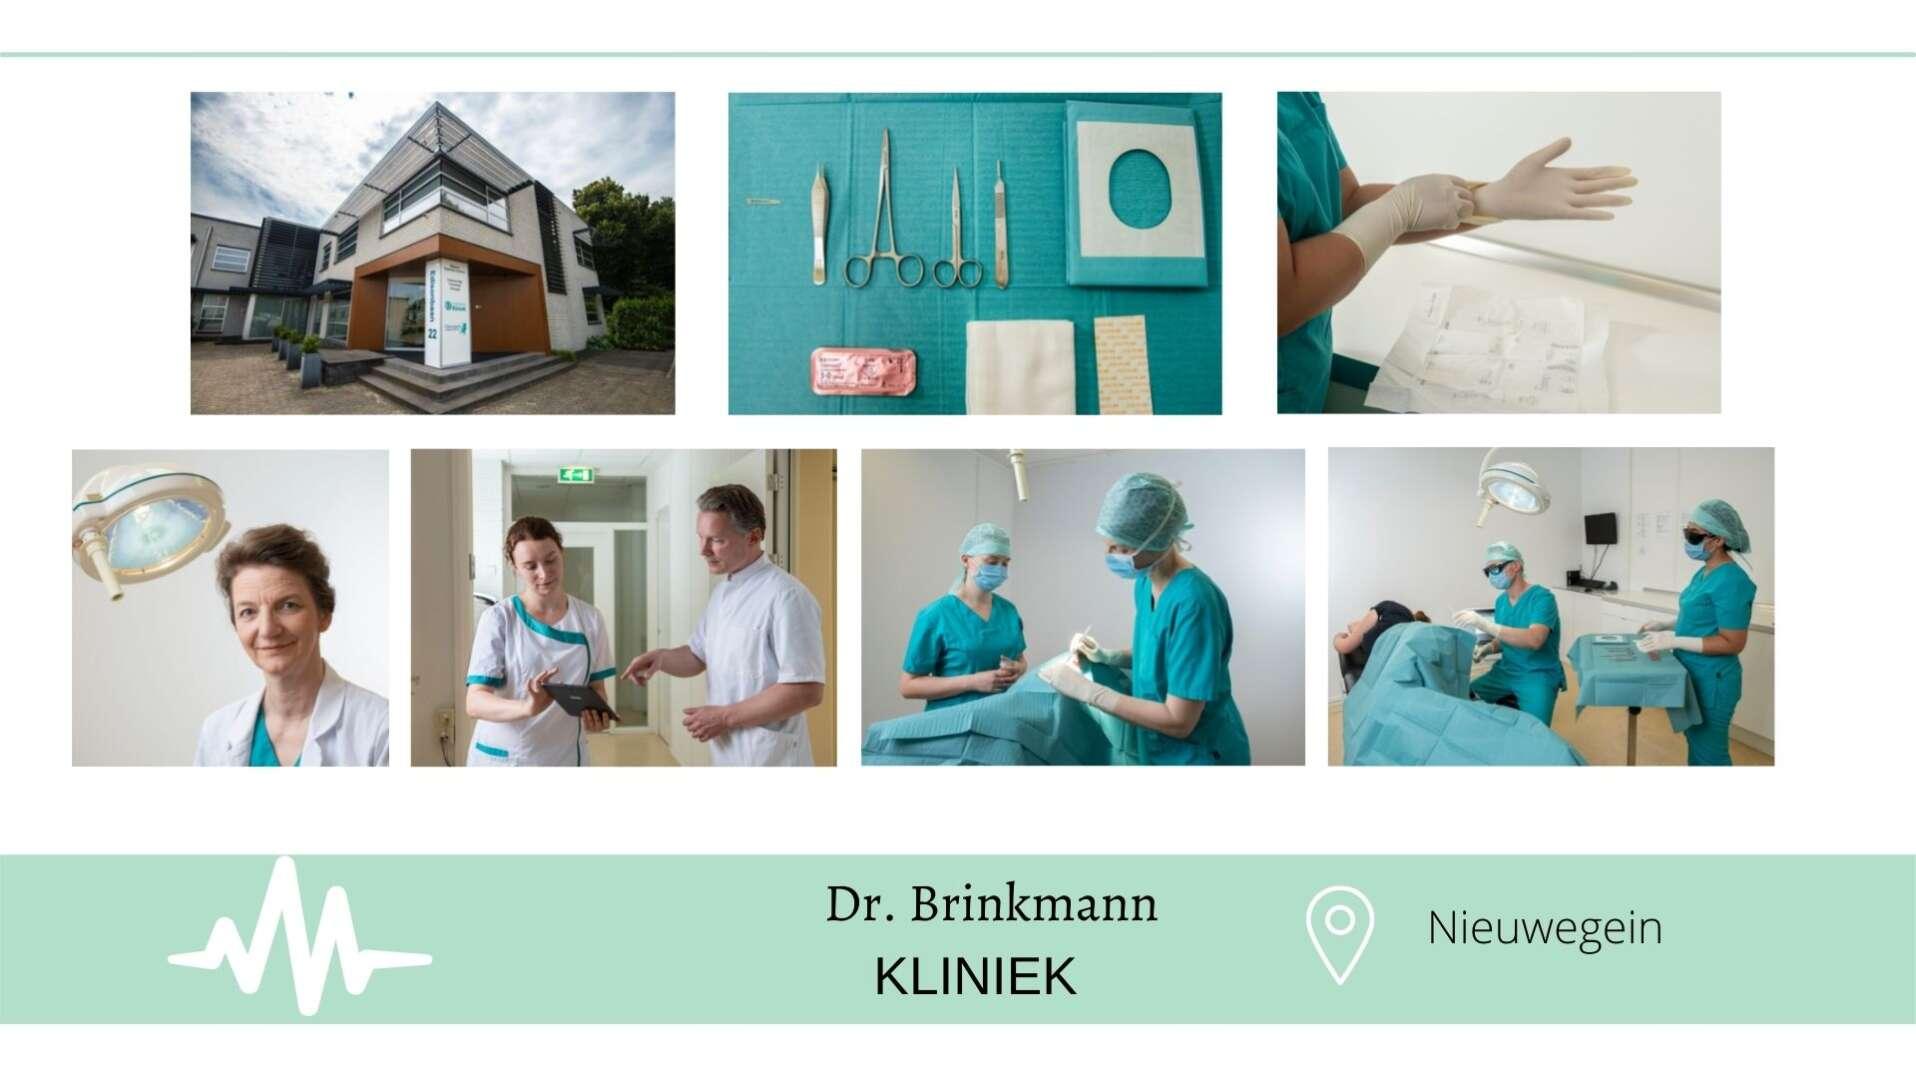 Dr. Brinkmann KLINIEK